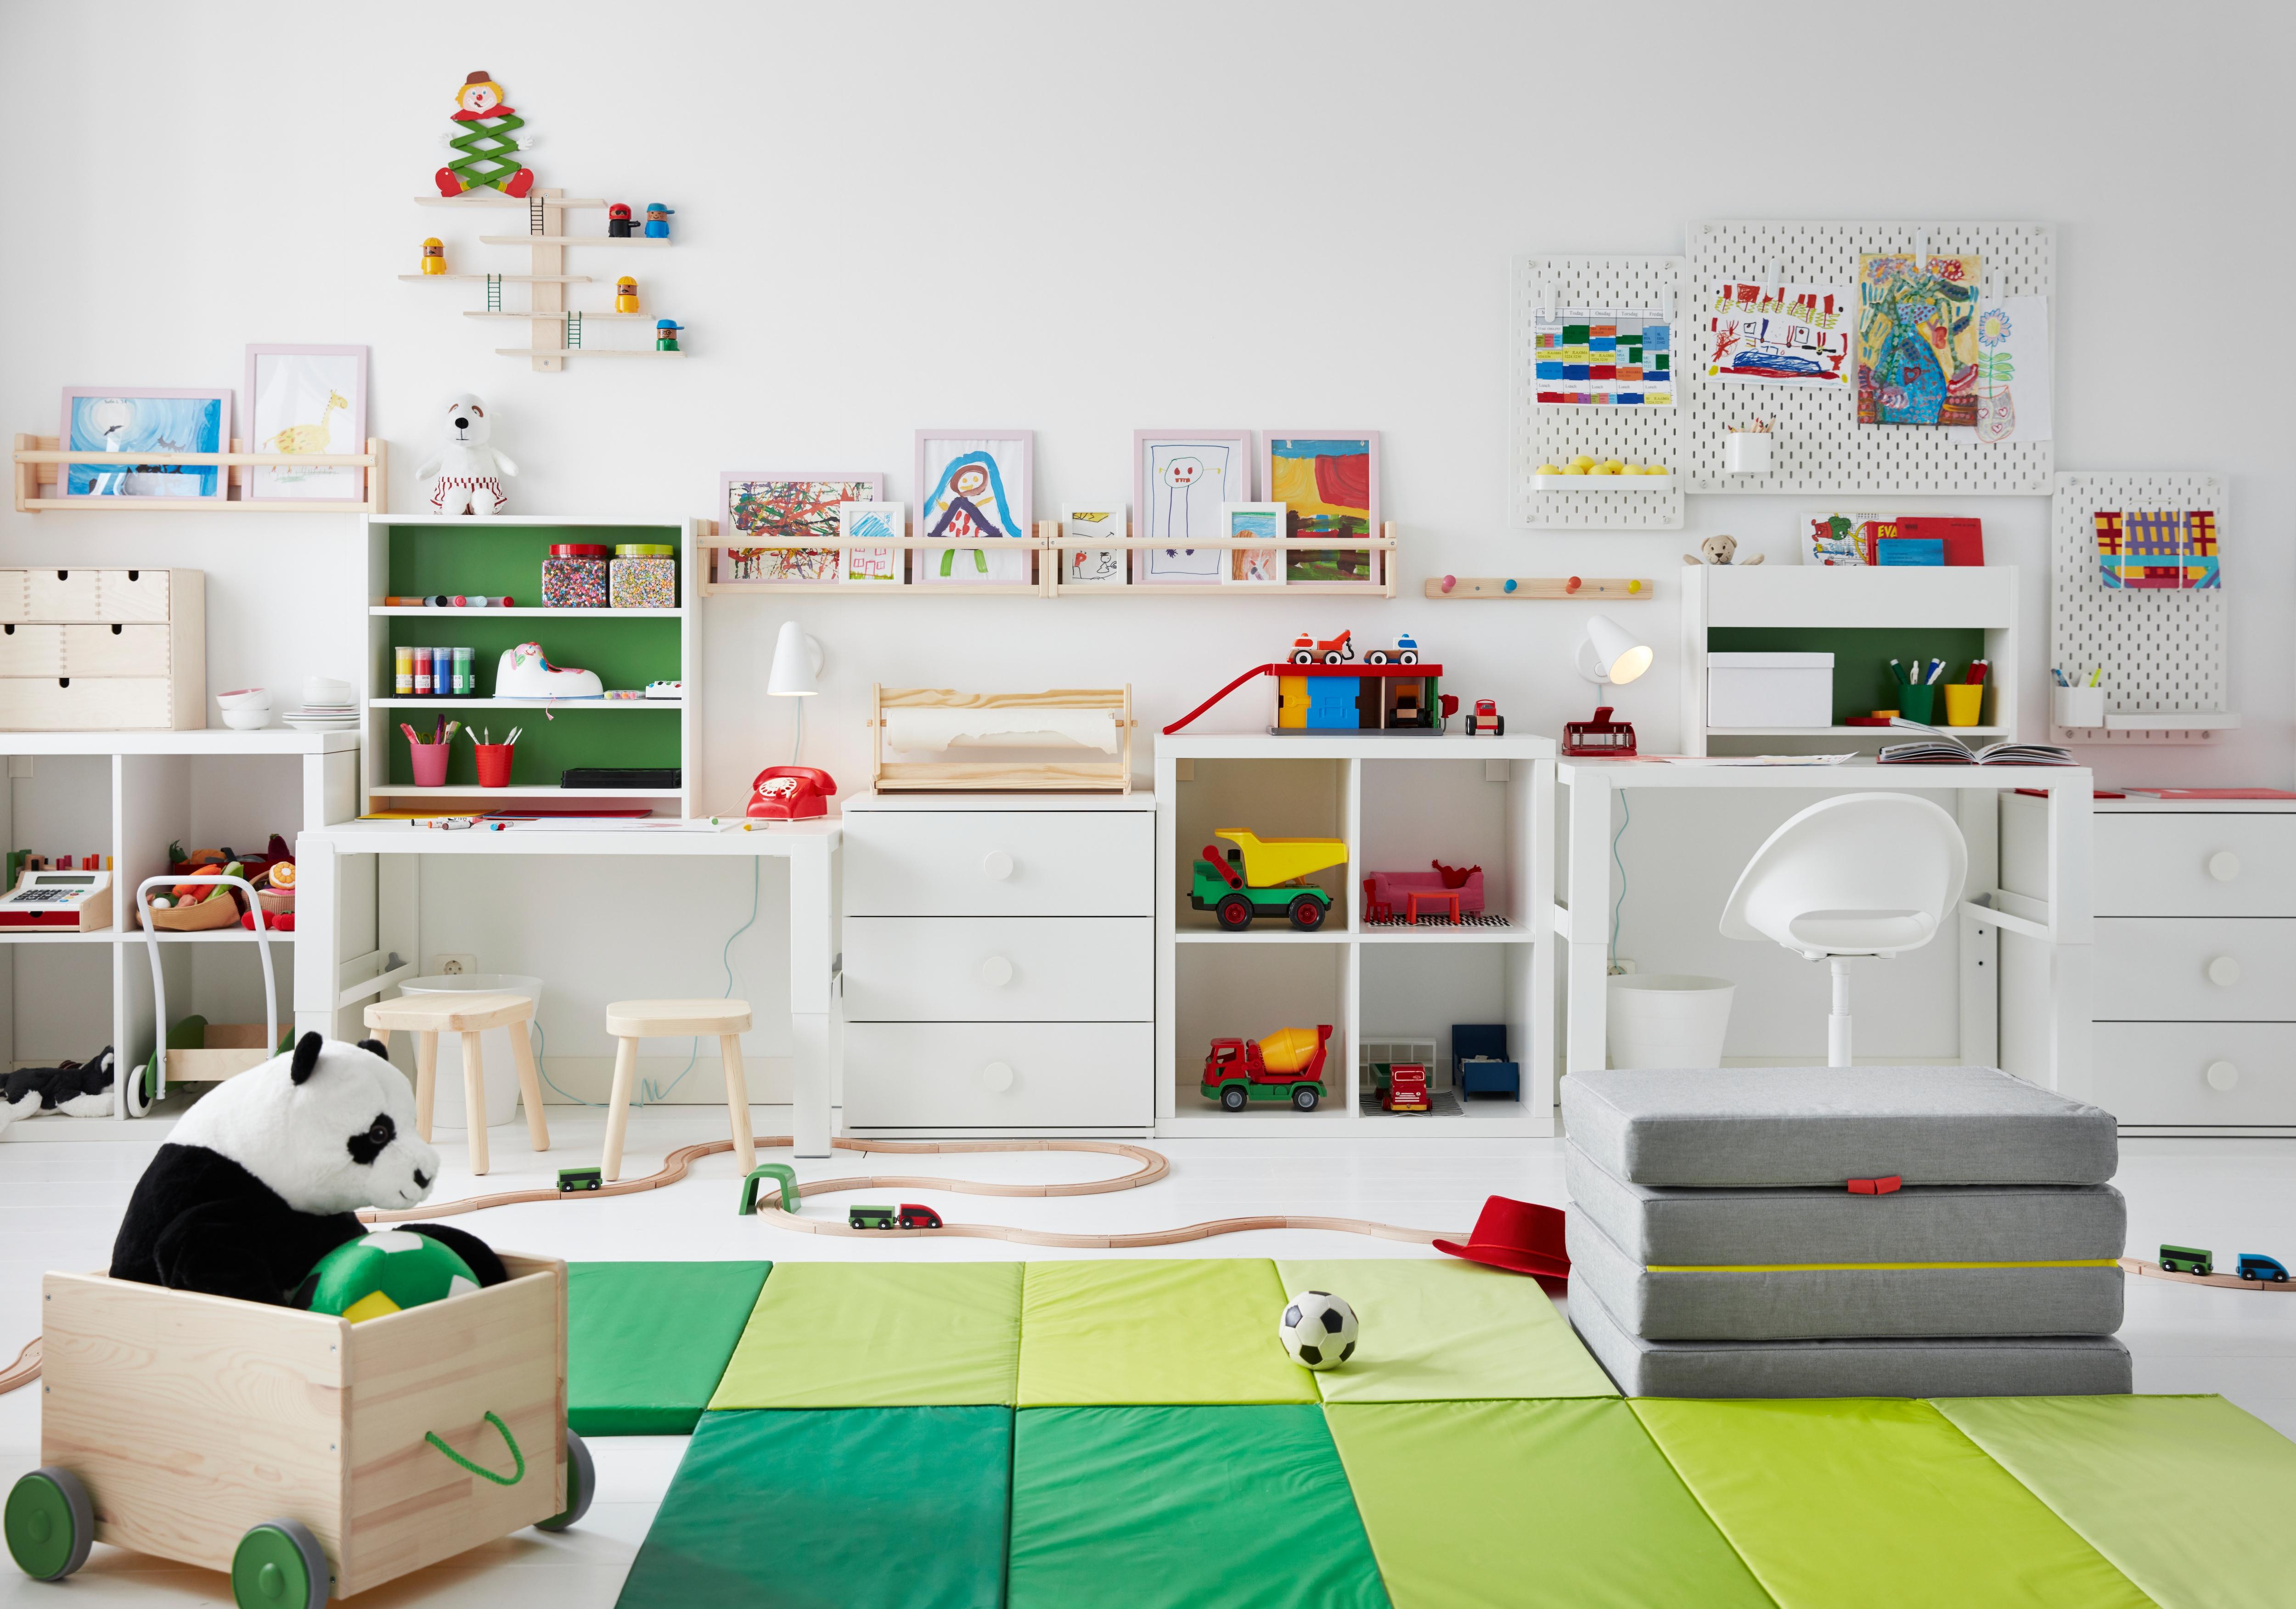 Es ist ein Kinderzimmer mit einem ausziehbaren MINNEN Bettgestell in Hellrosa und einem weißen Bettgestell zu sehen. Die Betten sind mit blauer VÄNKRETS und BARNDRÖM Bettwäsche bezogen.